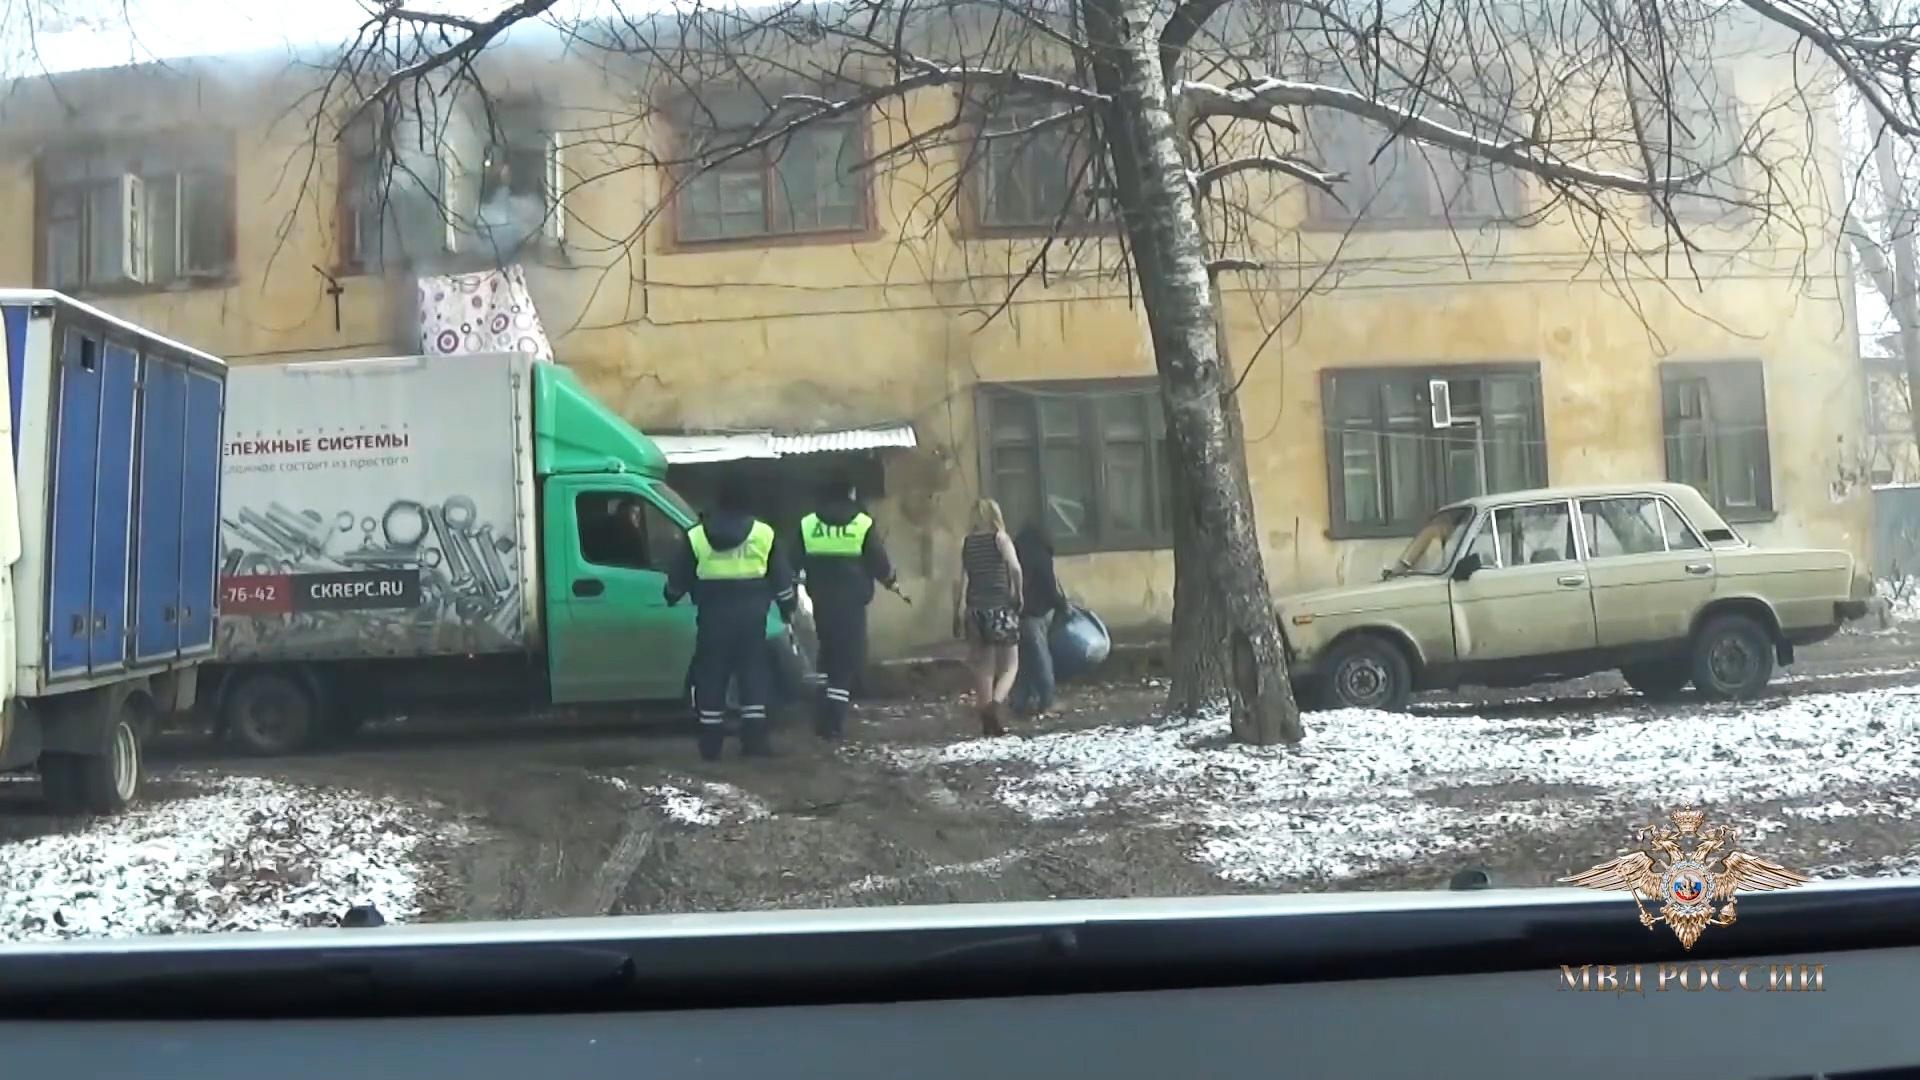 Сотрудники ДПС спасли людей из горящего дома в Подмосковье